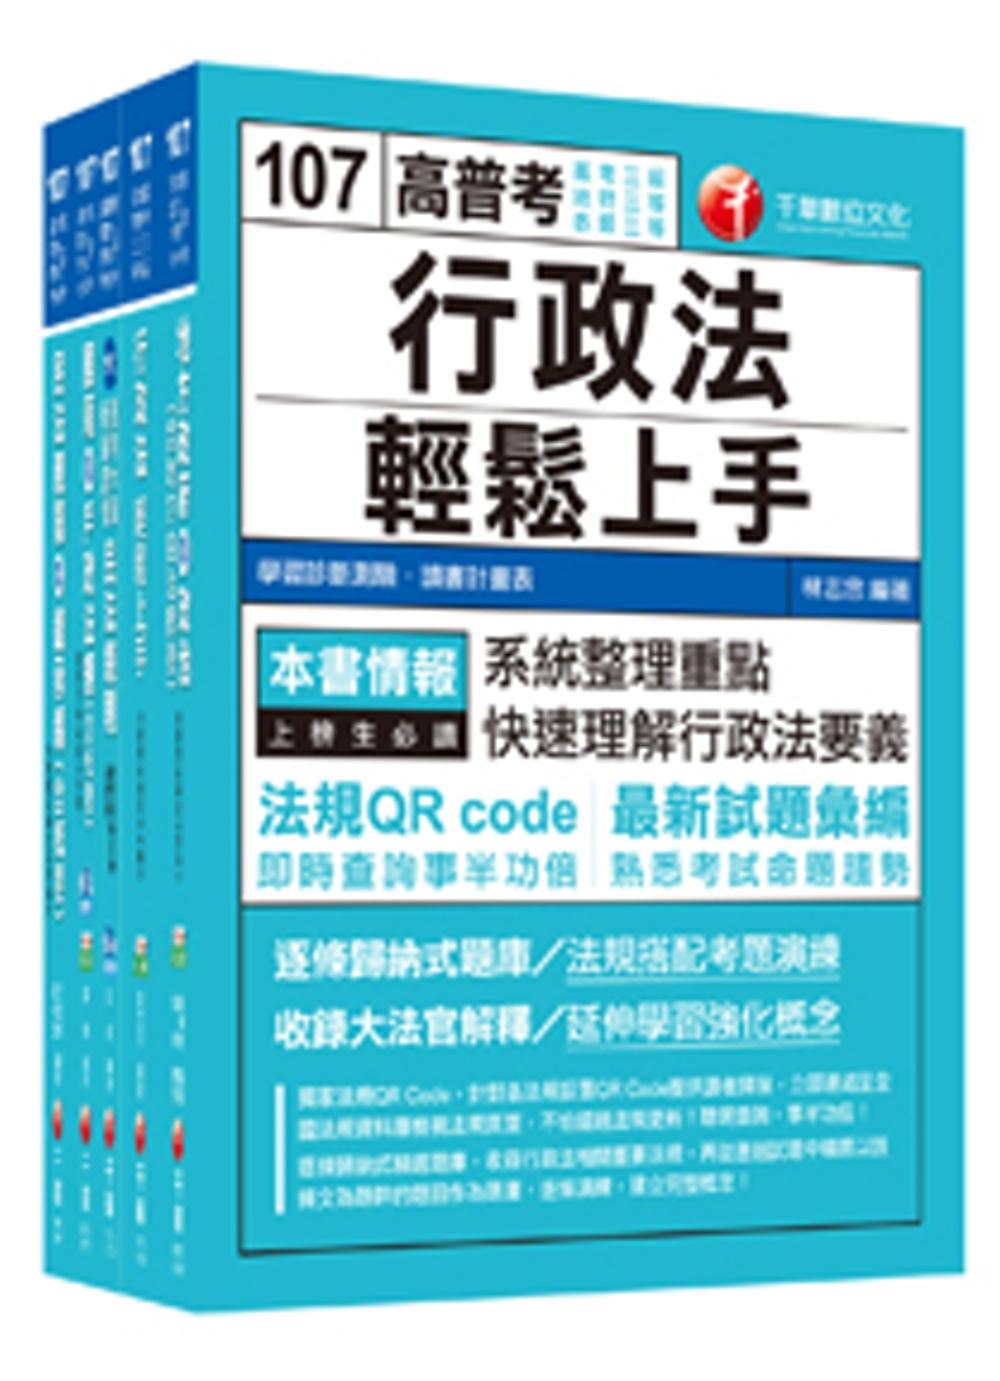 《107年《戶政》高考三級/地方三等專業科目套書》 商品條碼,ISBN:9999238910711